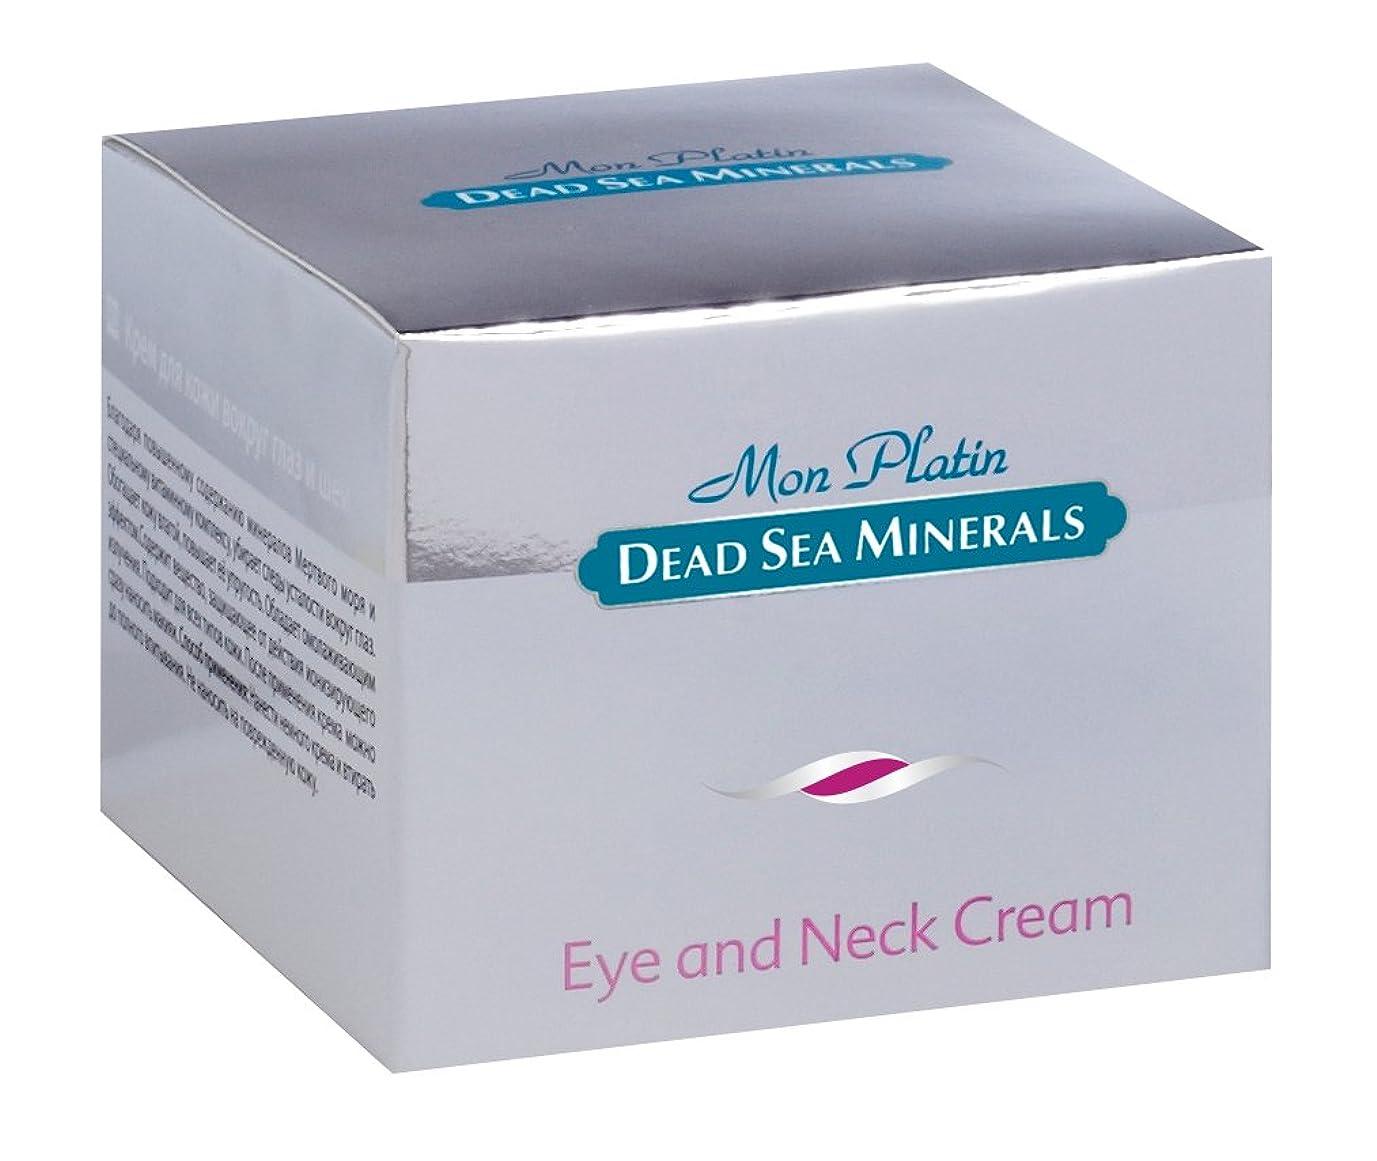 並外れて以降特許眼と首のクリーム 50mL 死海ミネラル Eye & Neck Cream